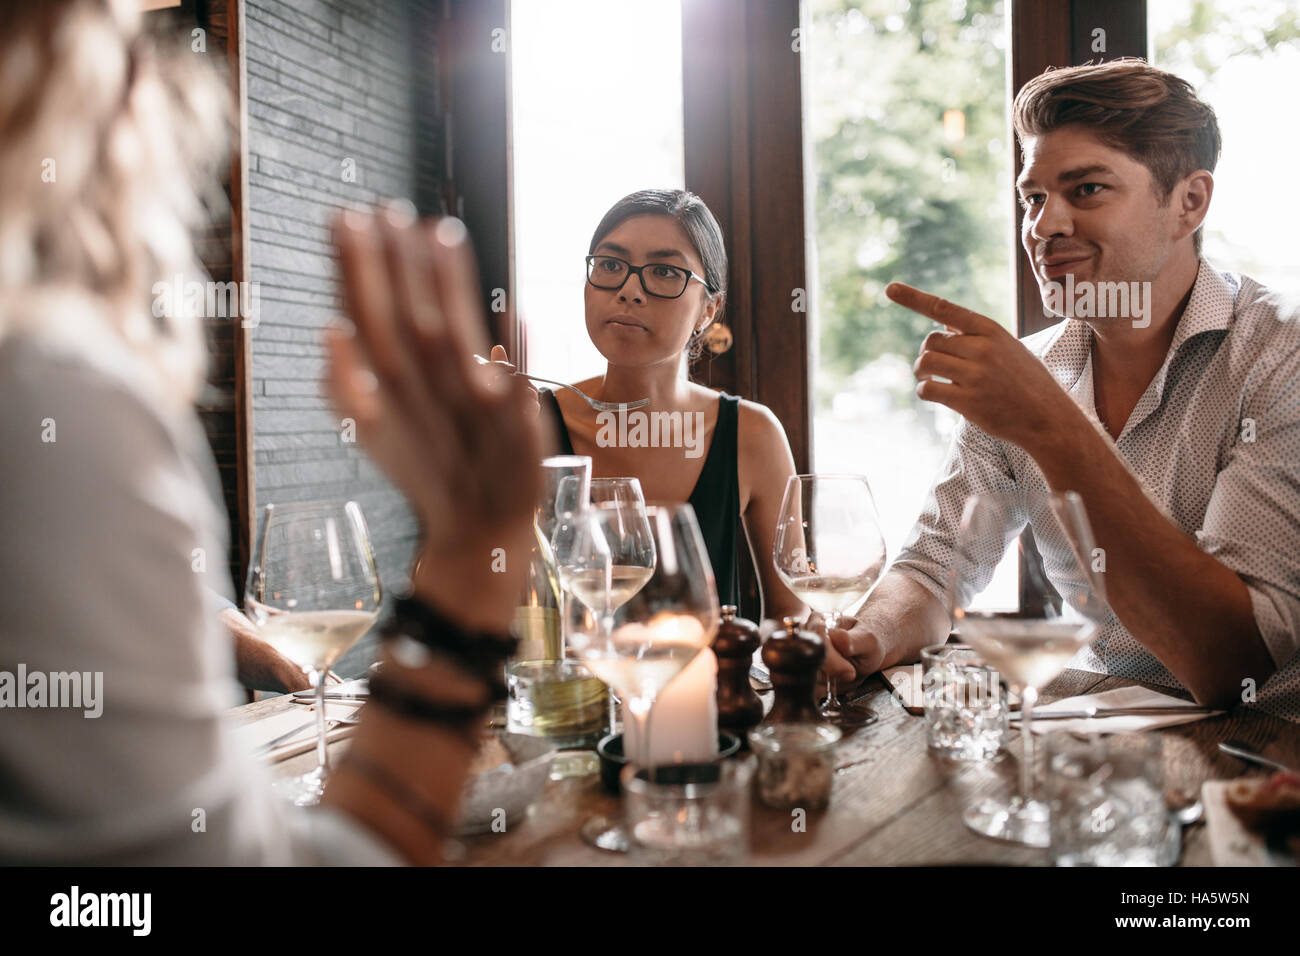 Gruppo di amici riuniti presso il ristorante per la cena. Giovani uomini e donne aventi pasto serale presso il cafe. Immagini Stock